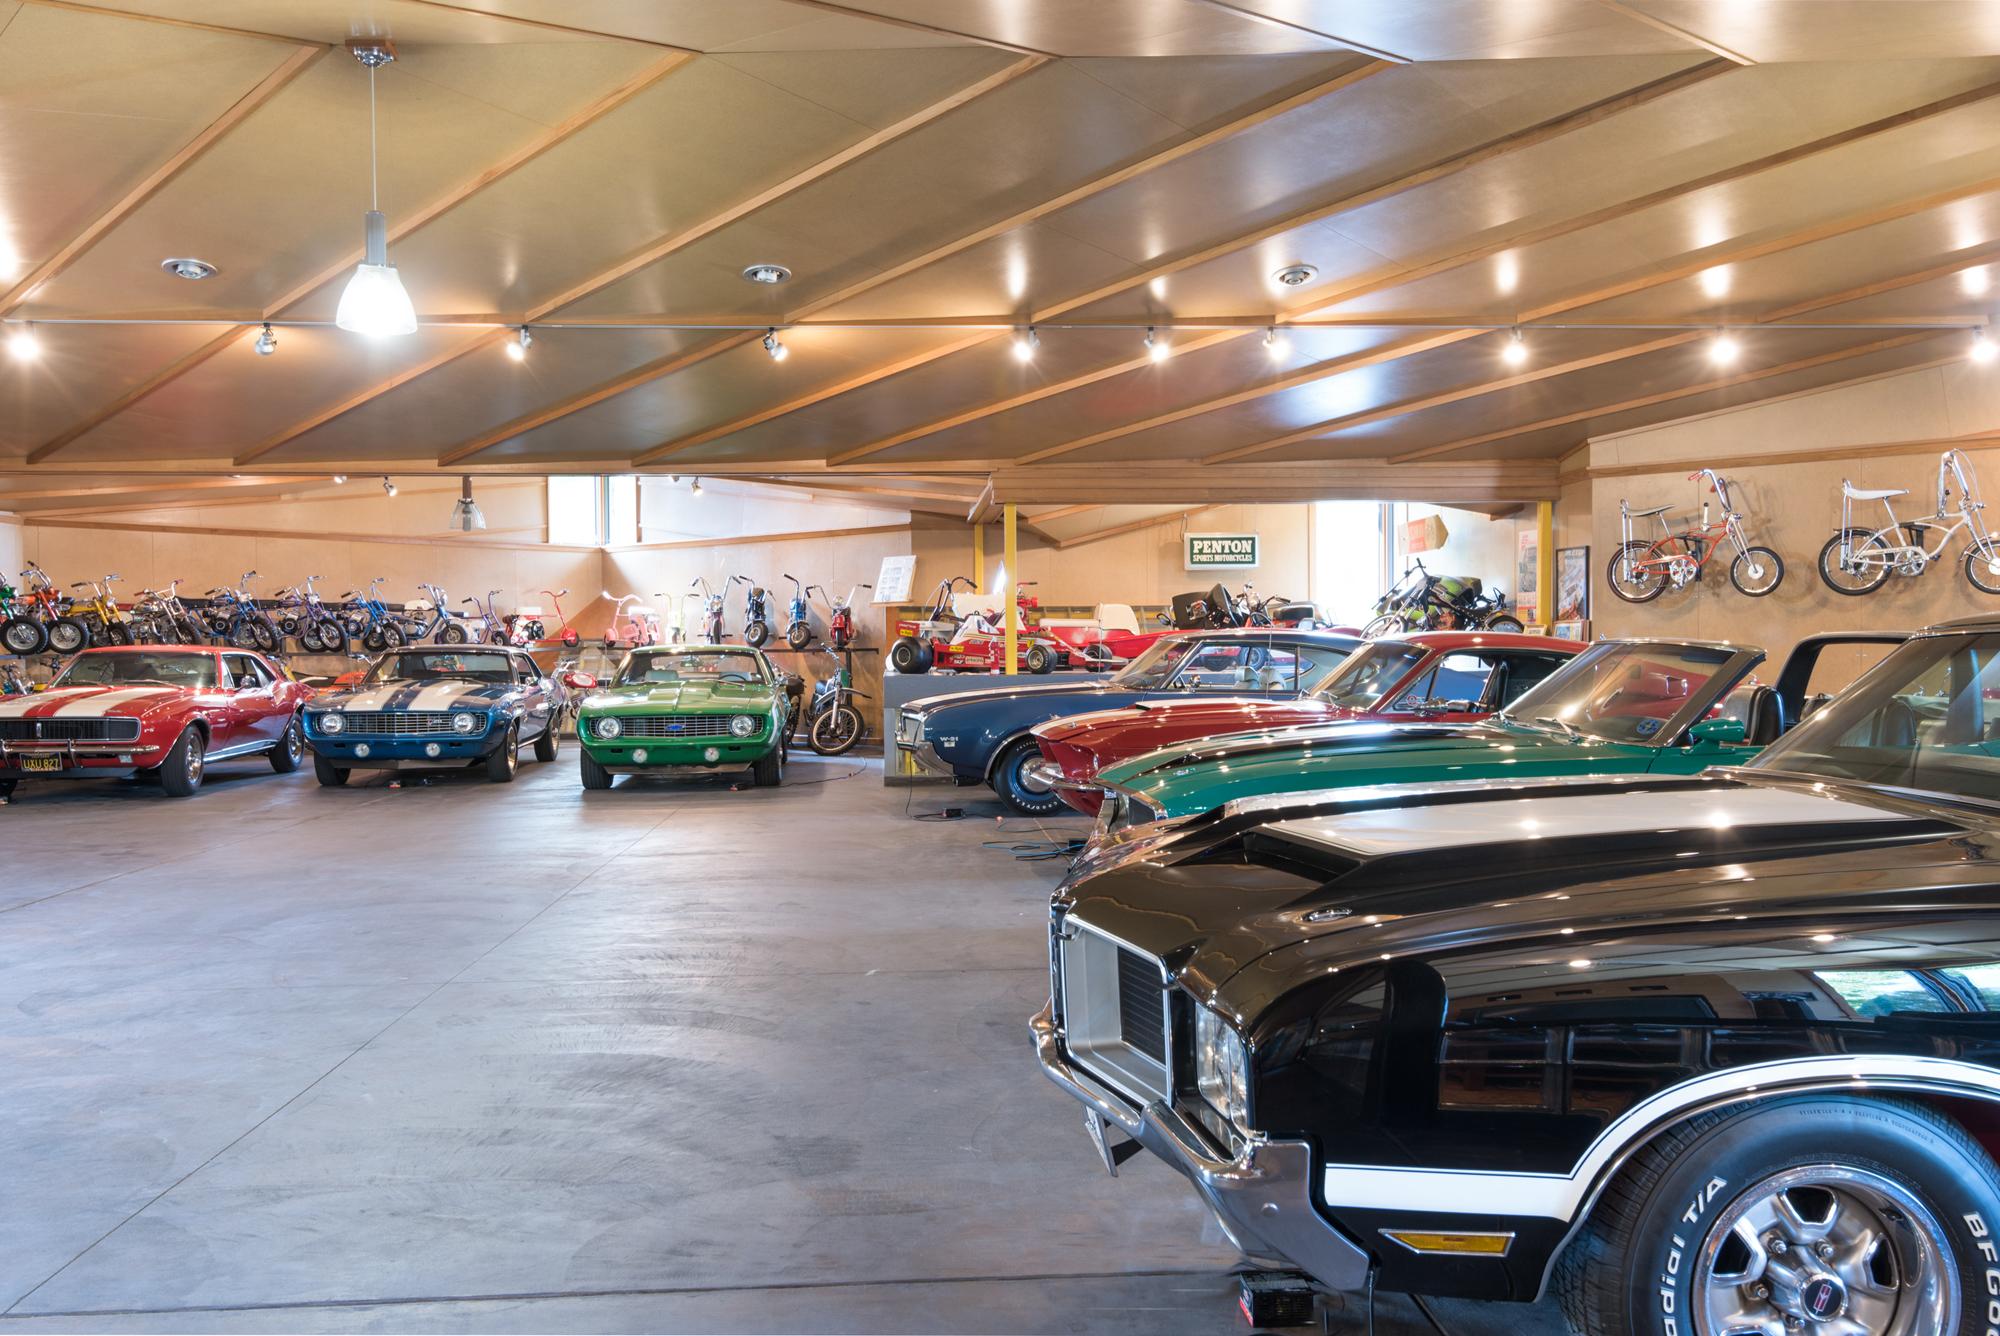 Un sueño para cualquier amante de los coches